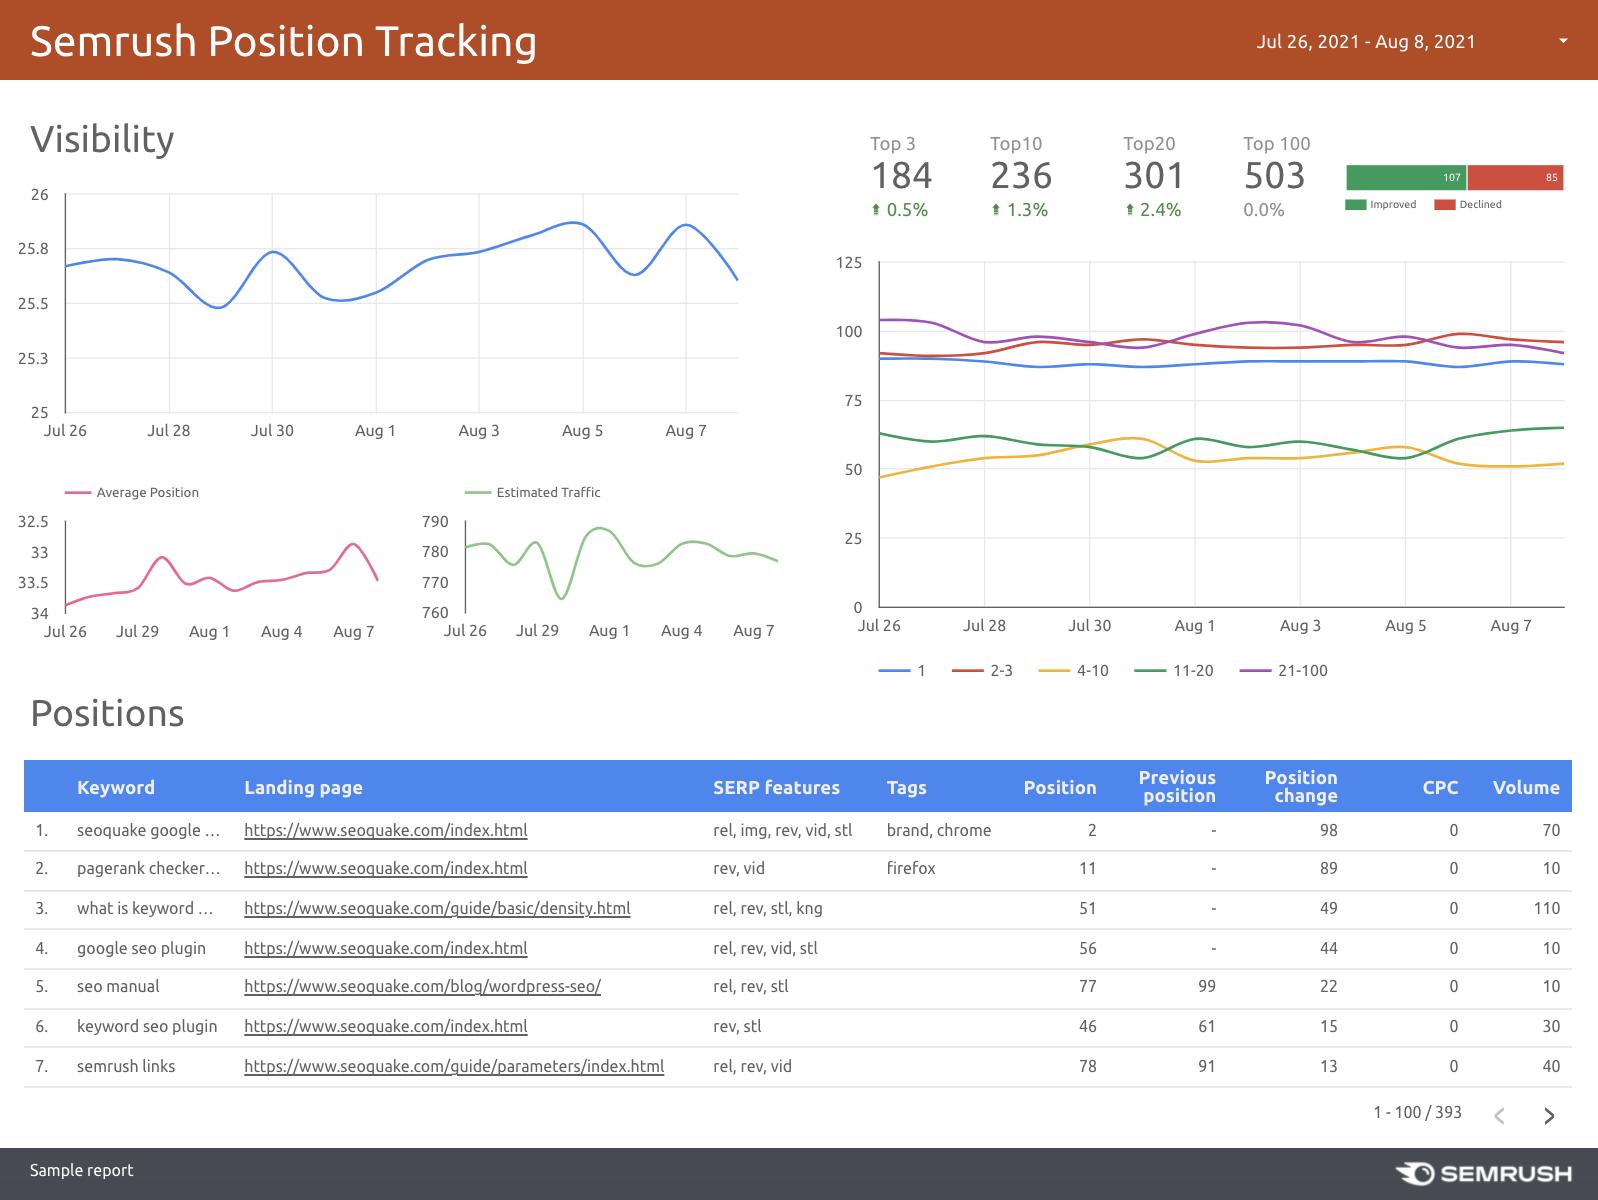 GDS Semrush Position Tracking